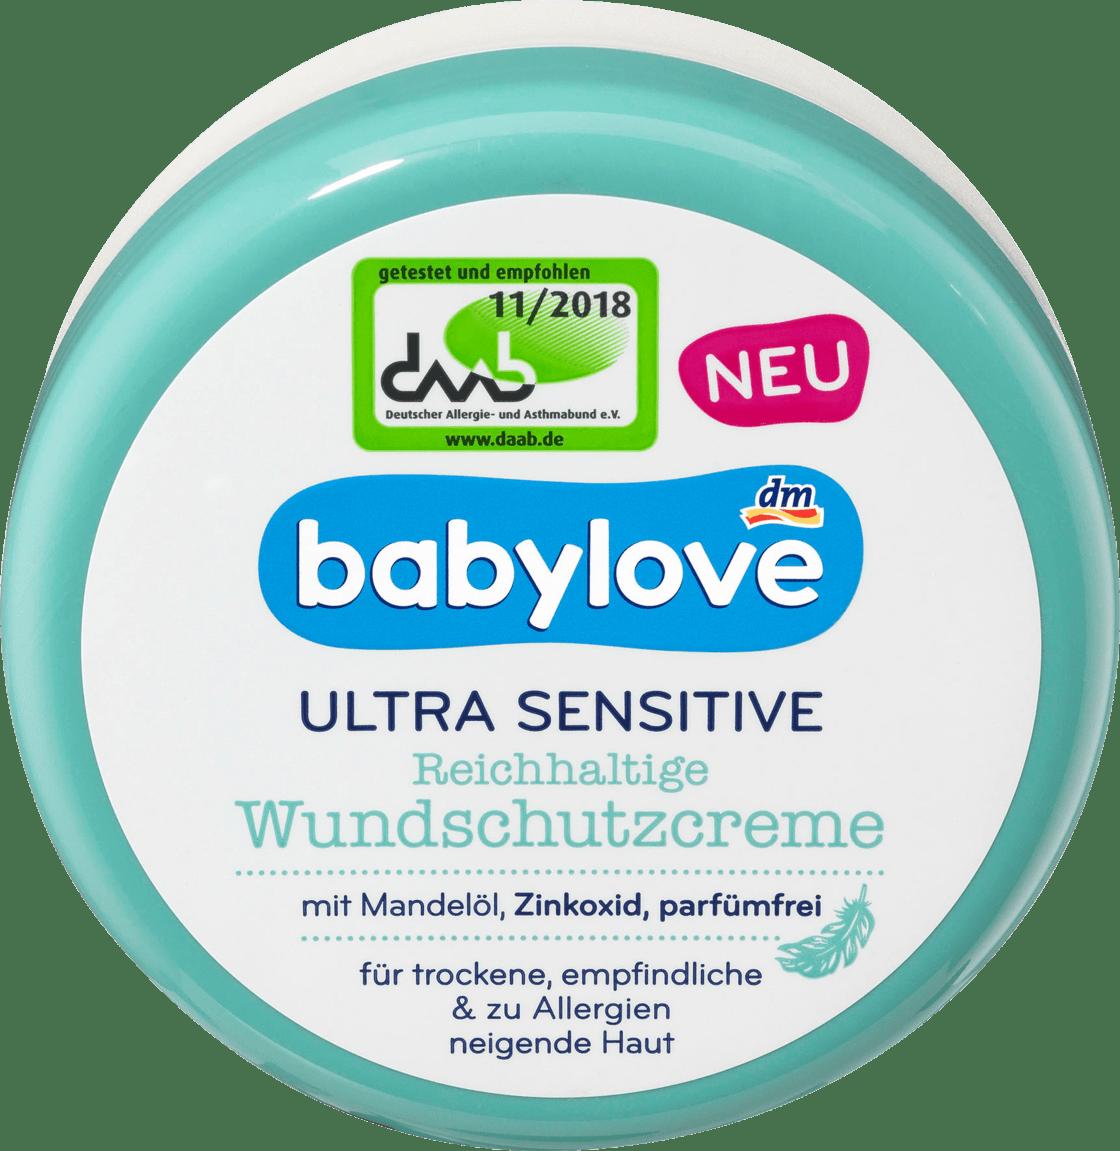 Детский защитный крем Babylove Ultra Sensitive Wundschutzcreme, 150 мл.